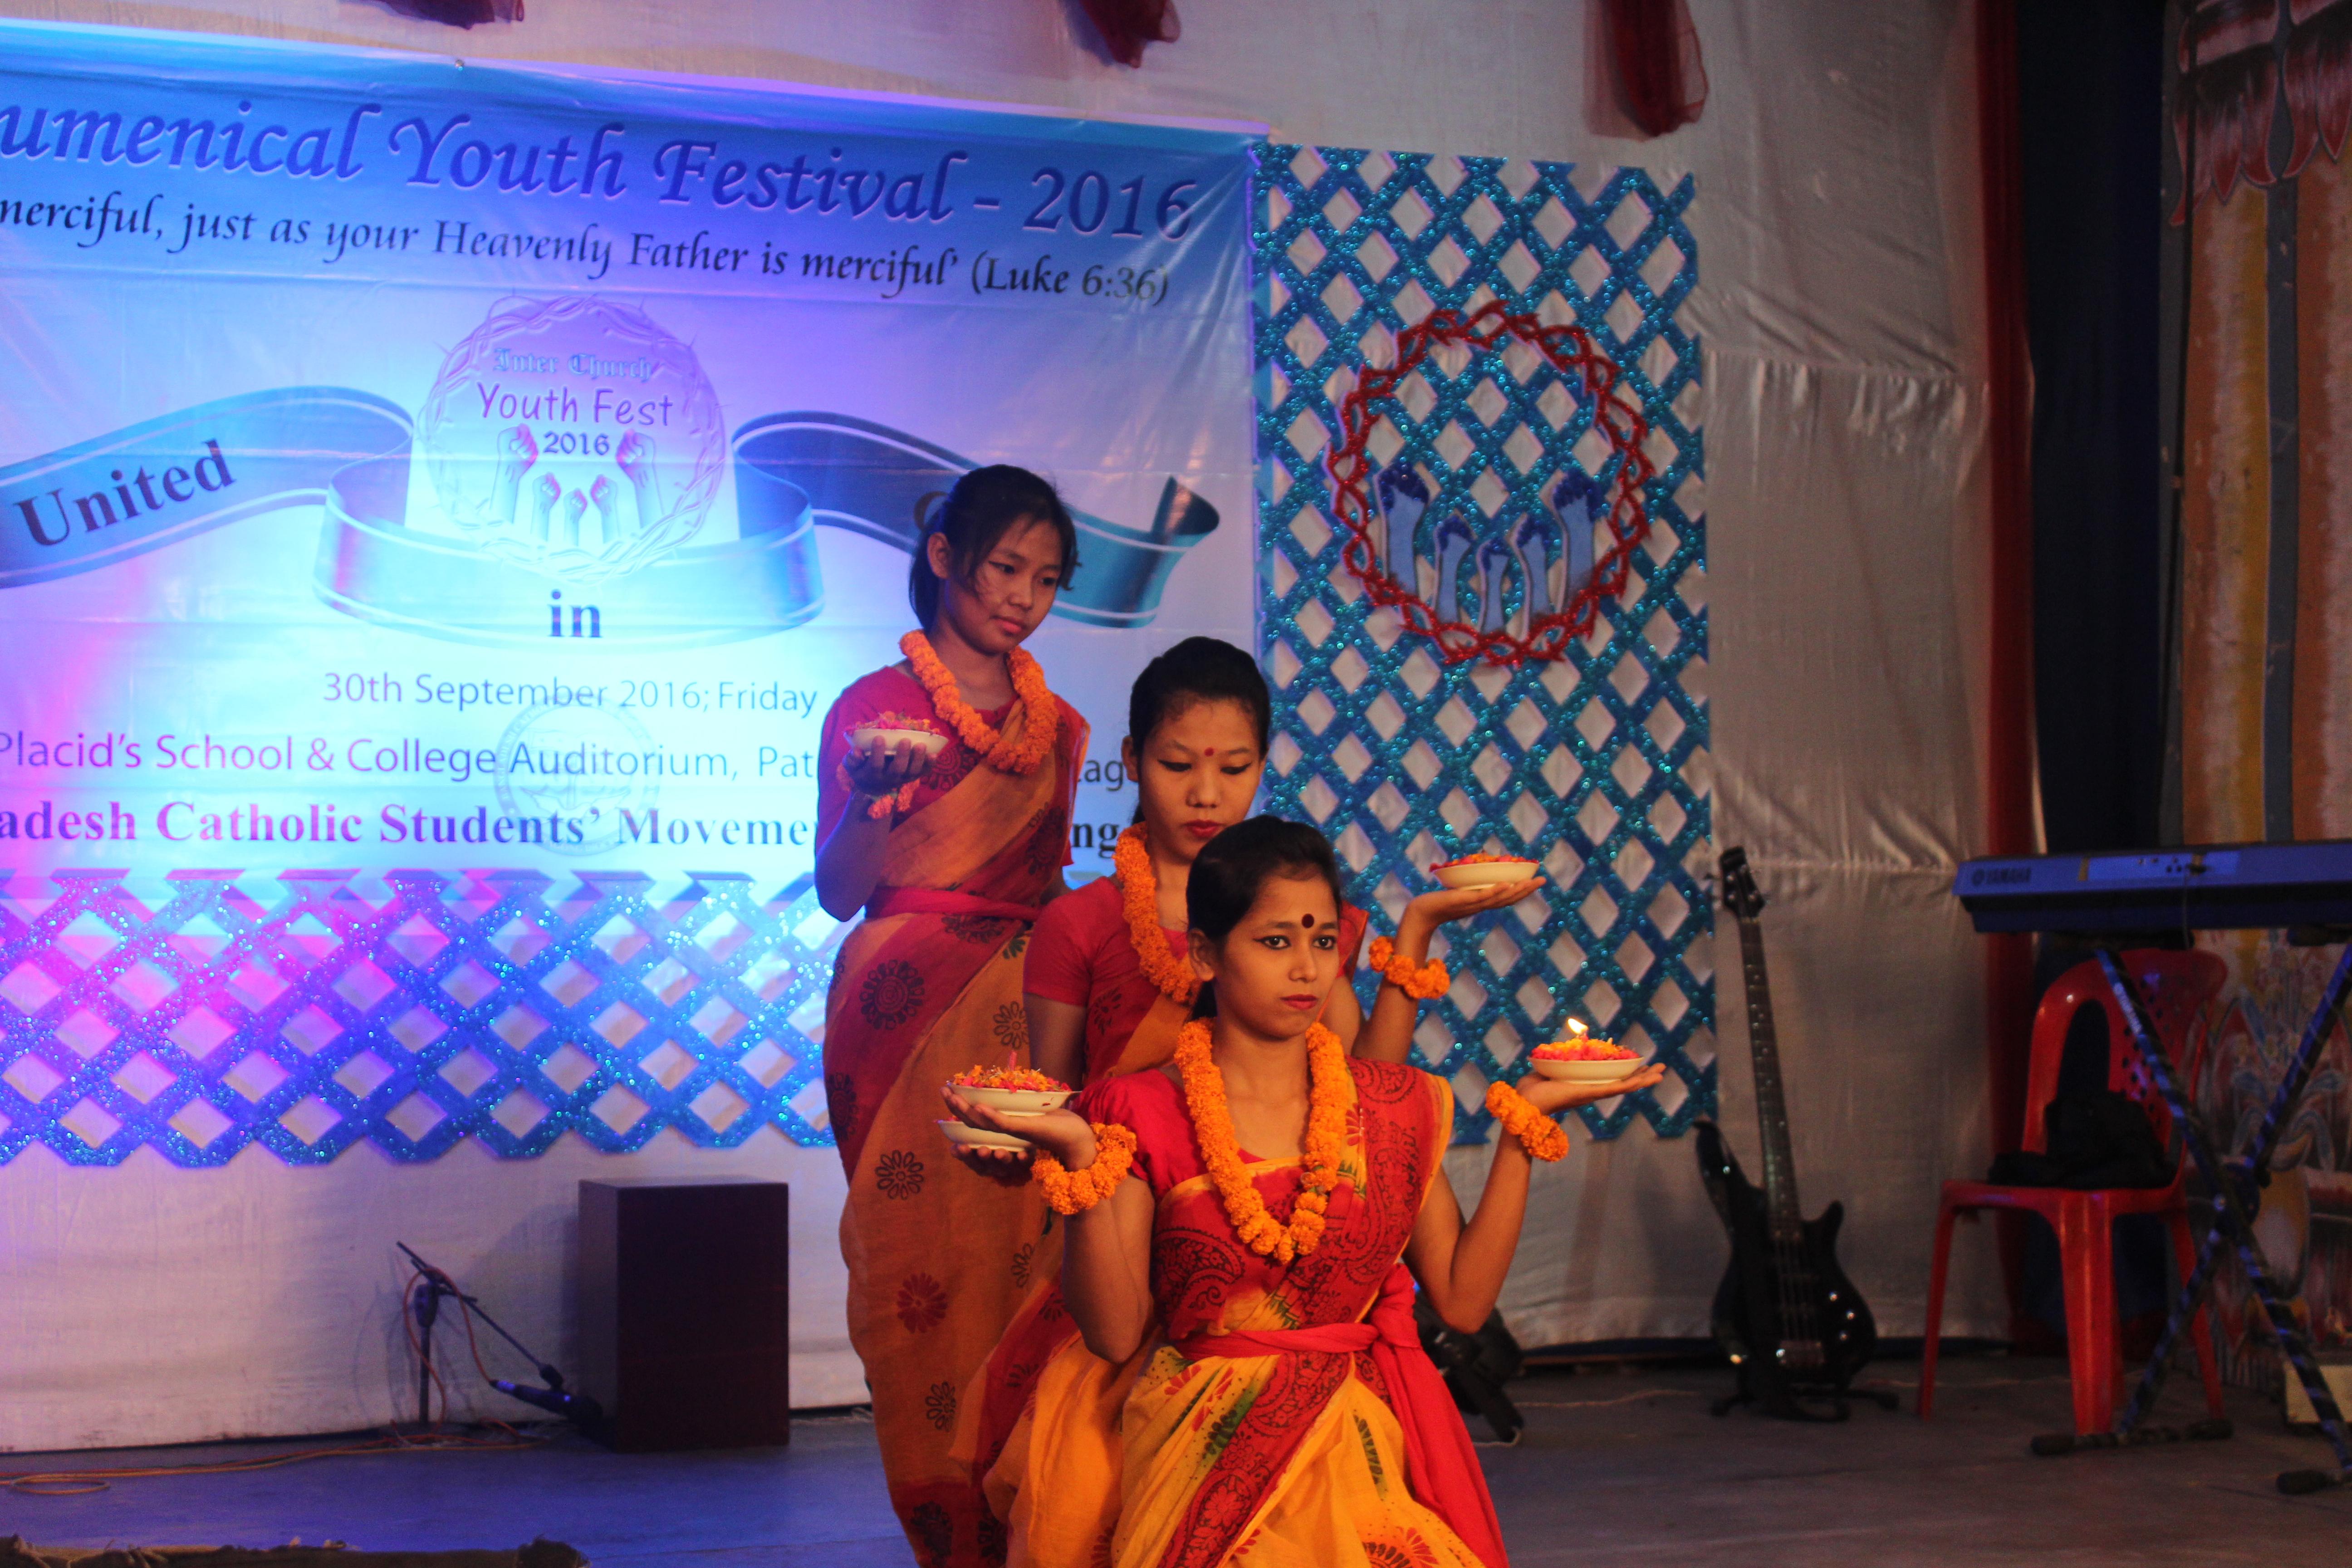 ecumenical youth festival 2016